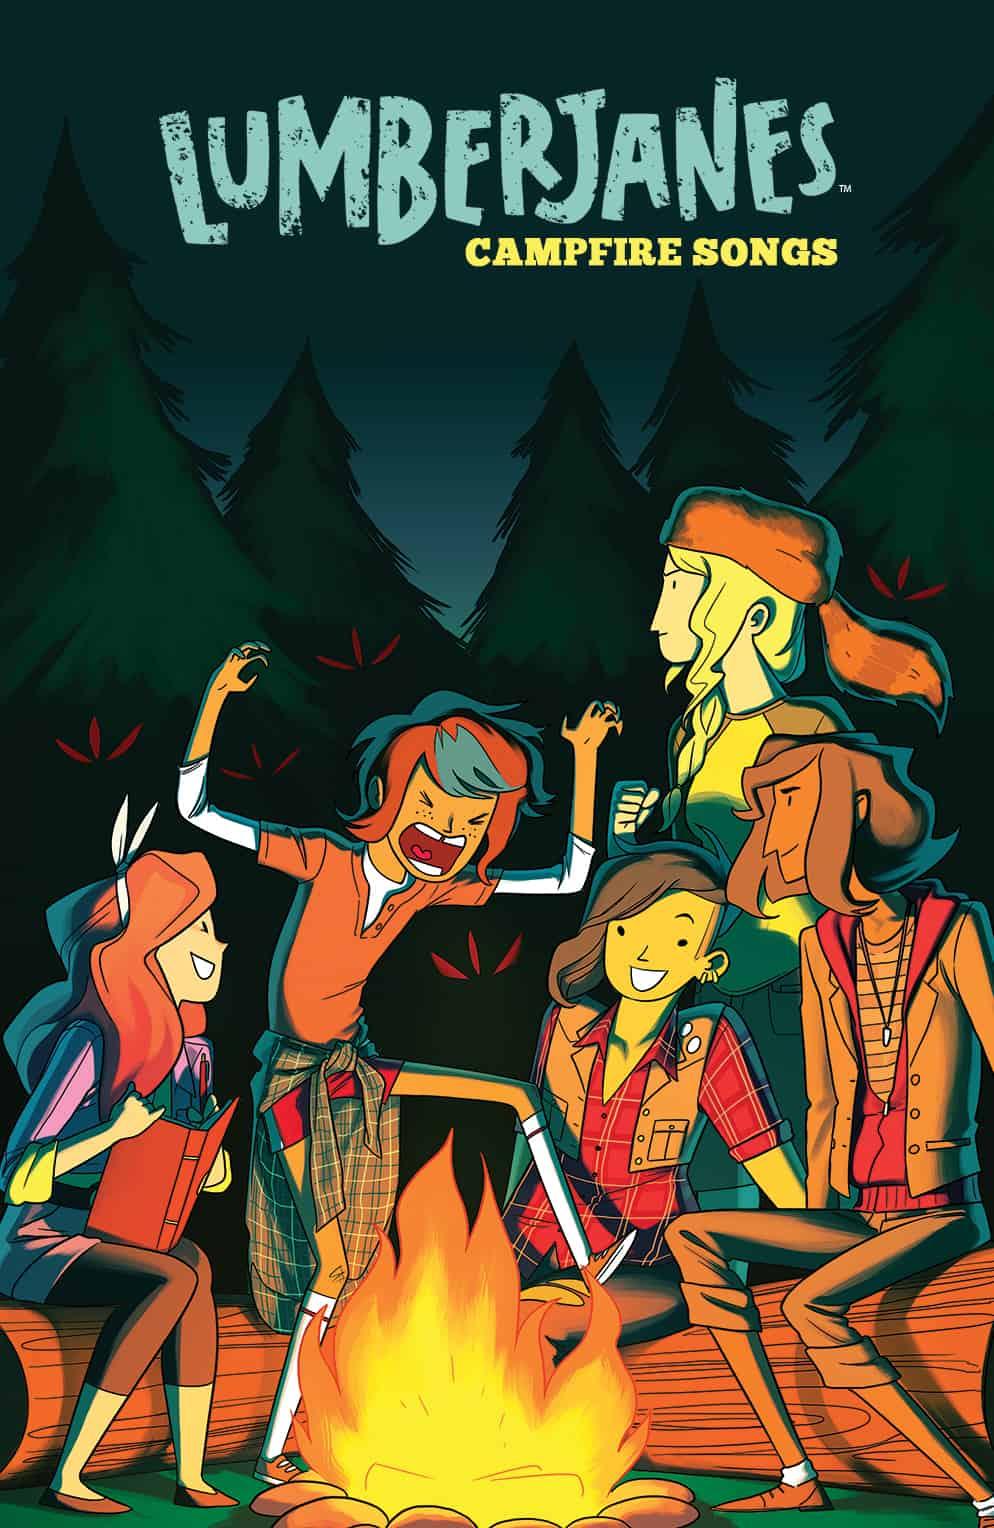 Lumberjanes: Campfire Songs SC